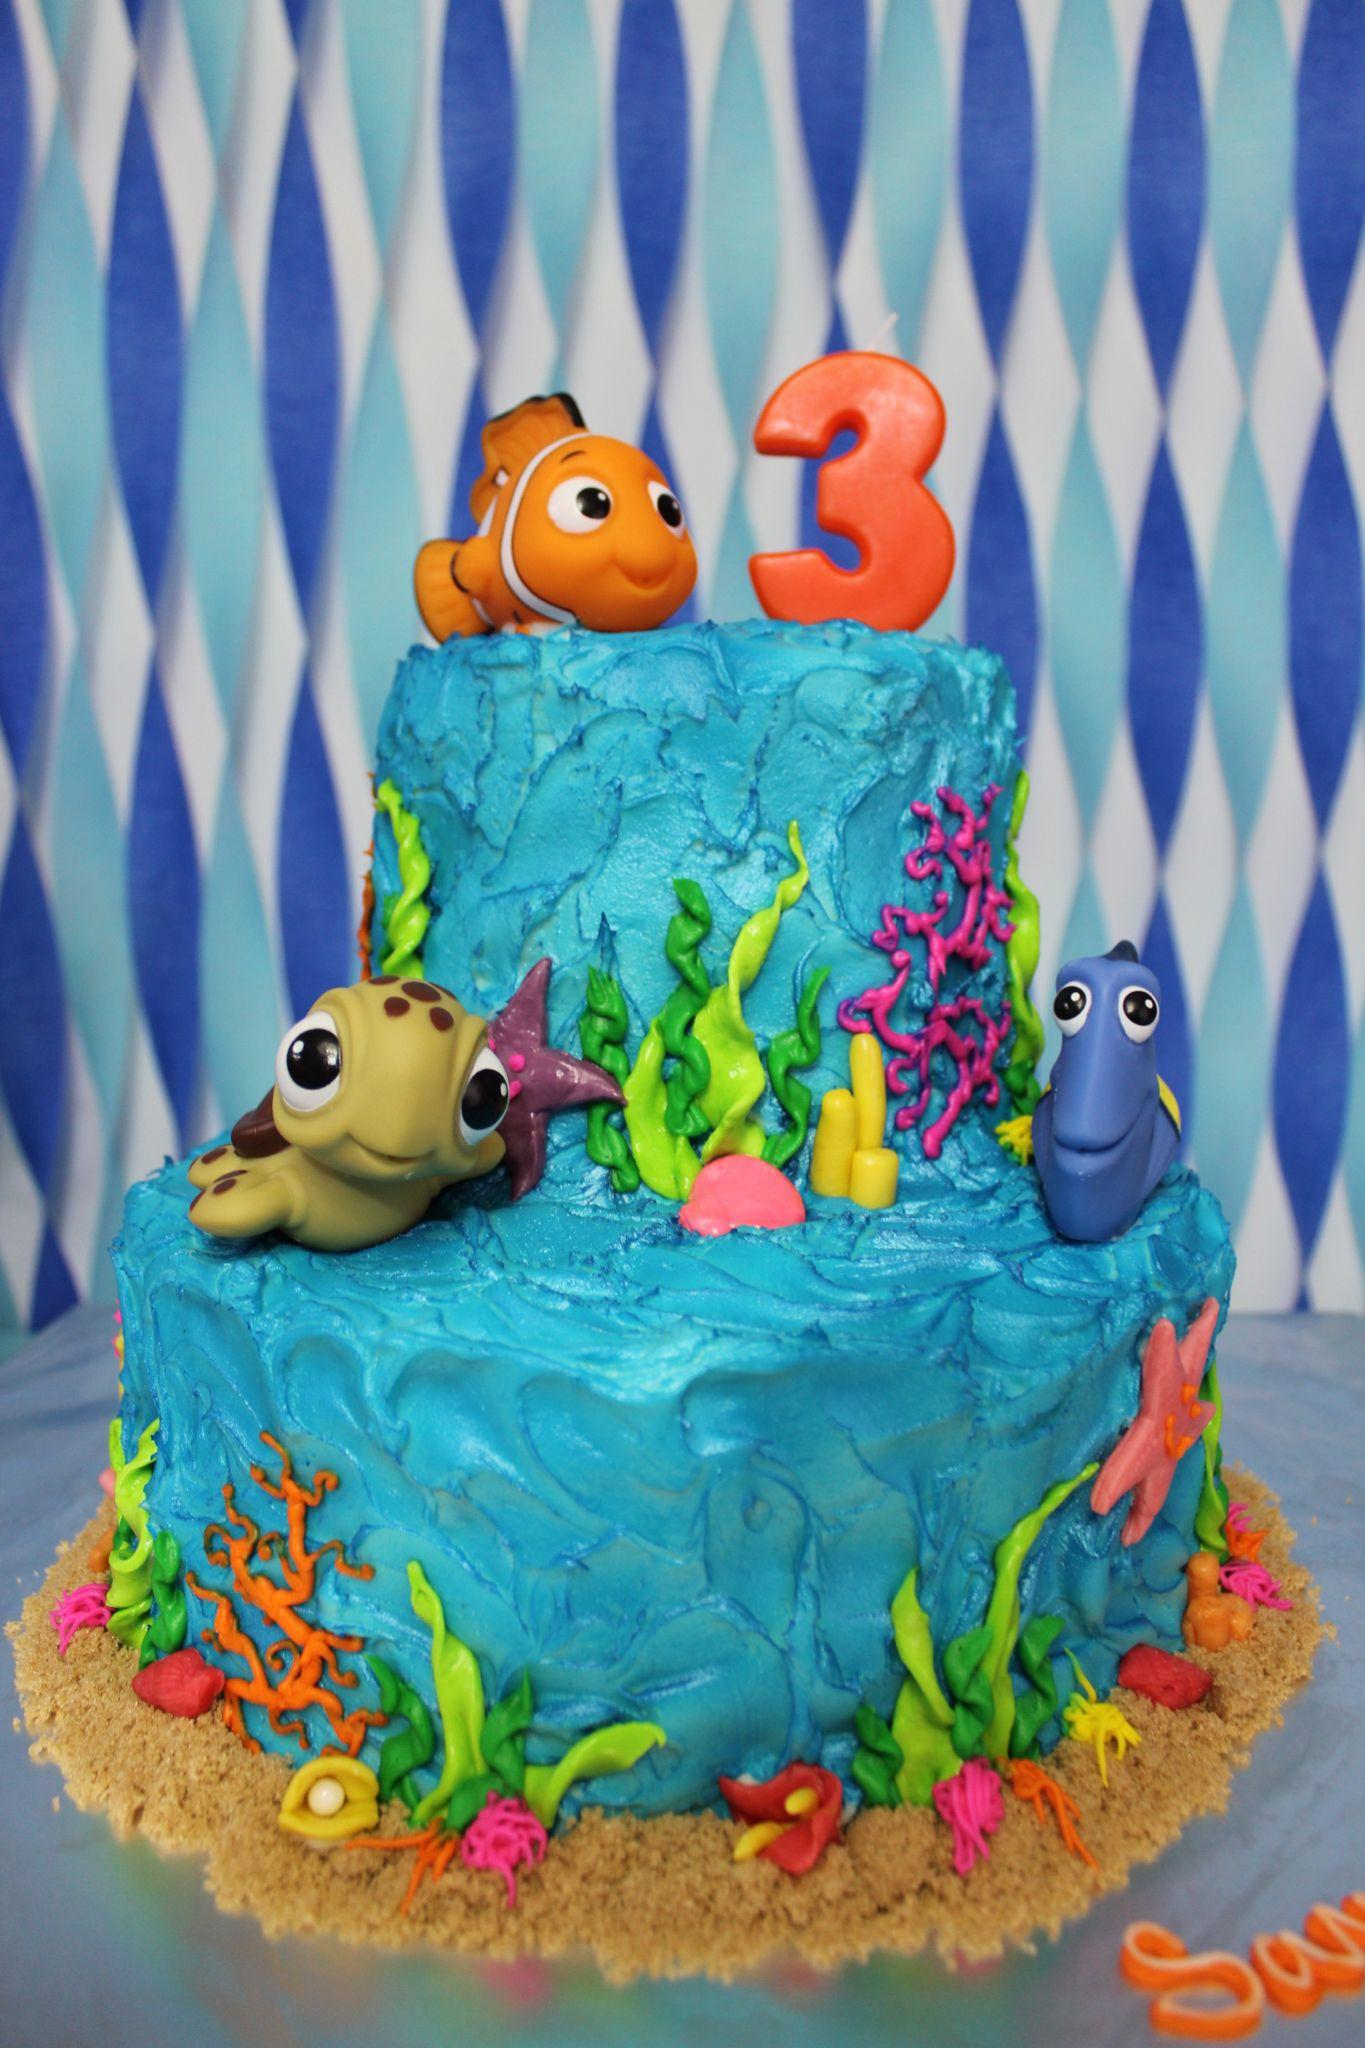 Finding Nemo Theme Birthday Cake Finding Nemo Party Pinterest - Finding nemo birthday cake